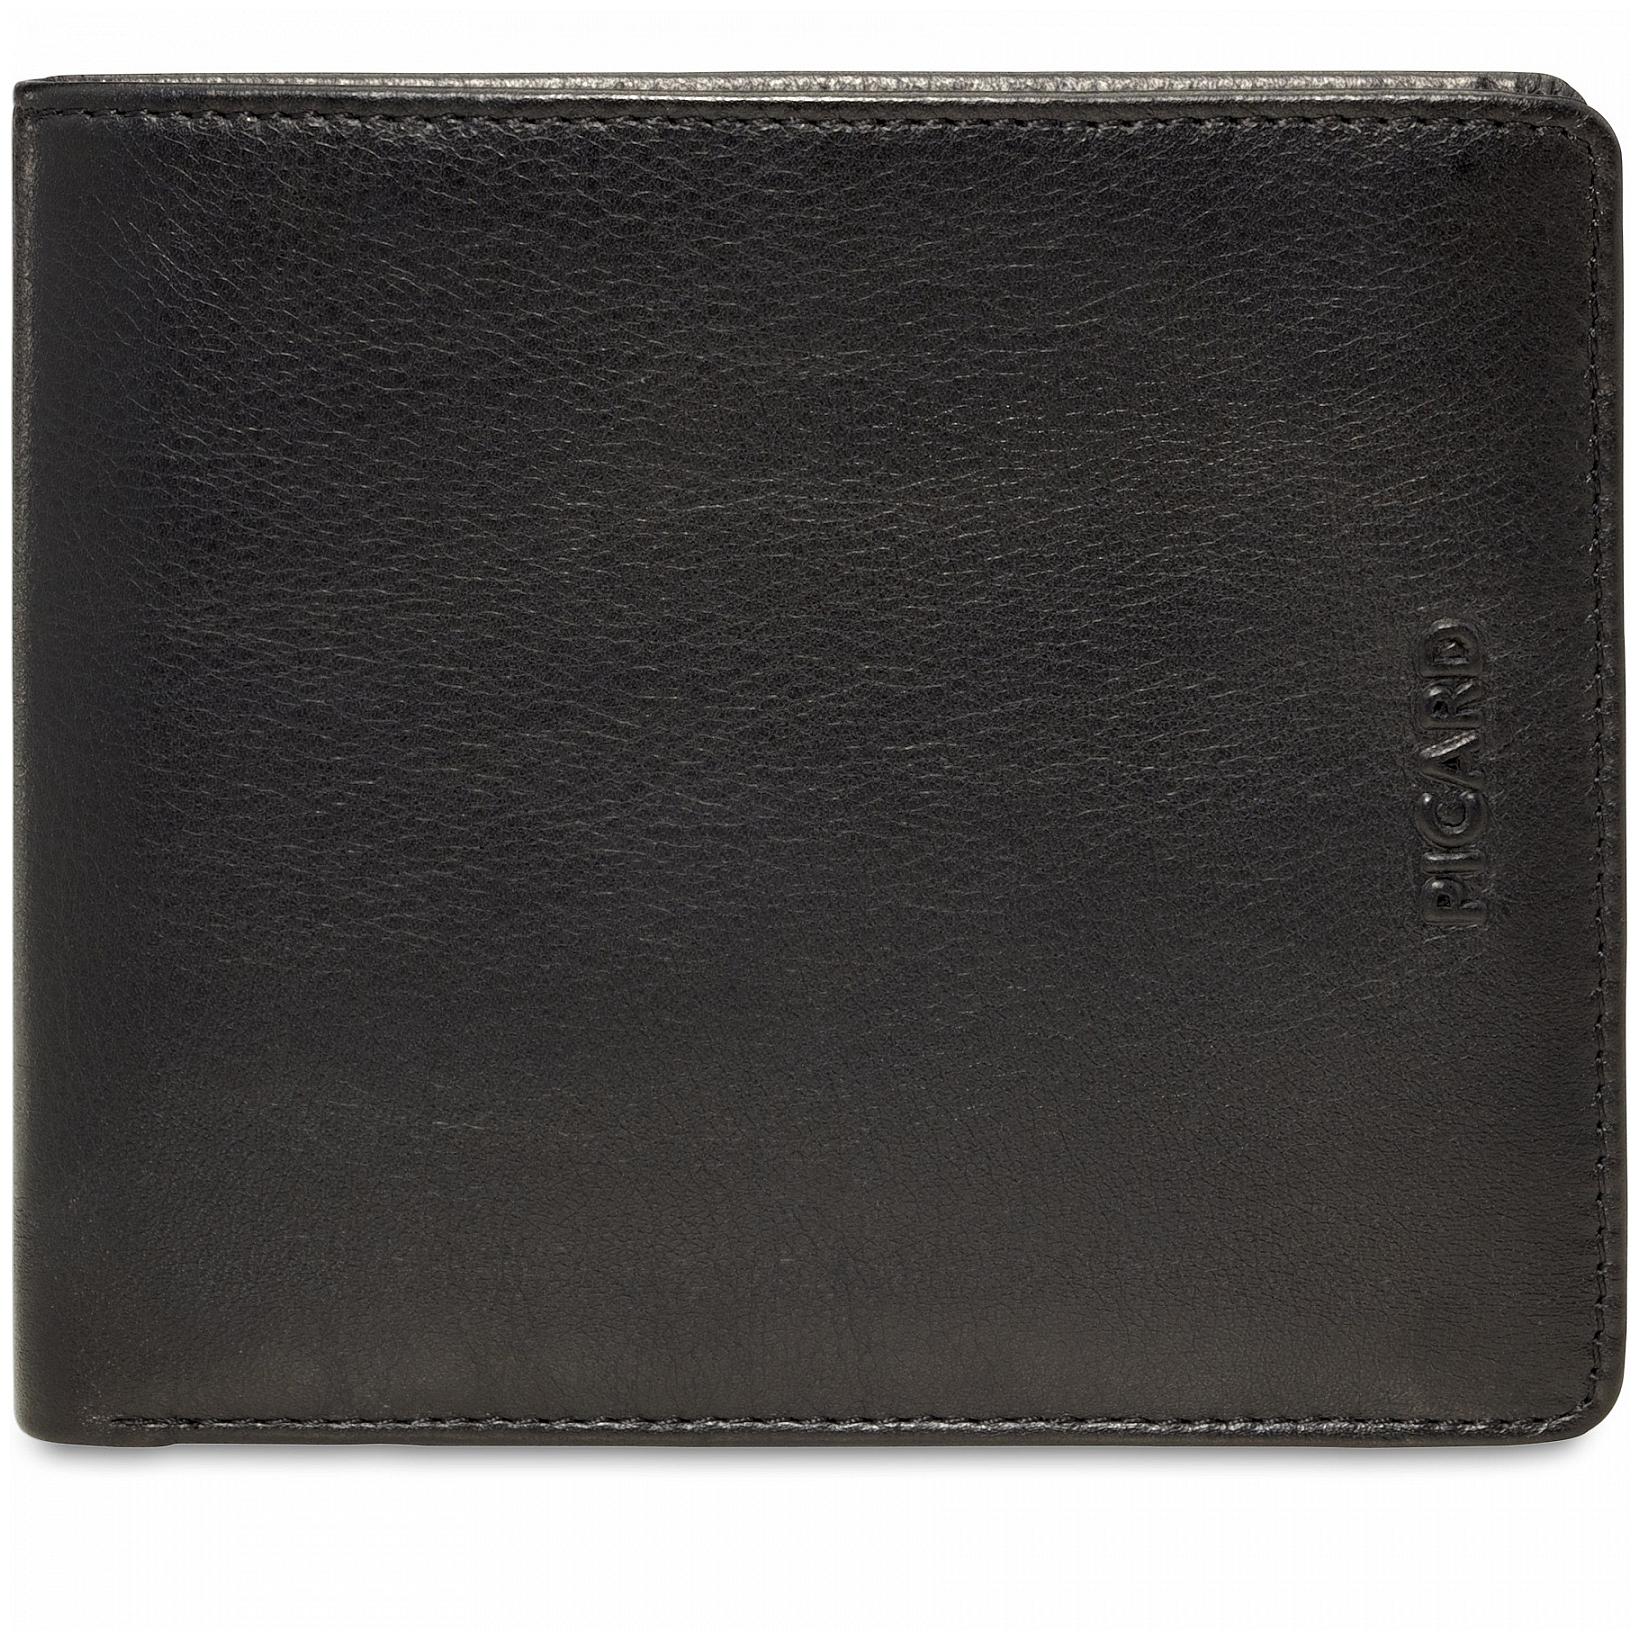 PICARD Pánská kožená peněženka BROOKLYN 2820 černá